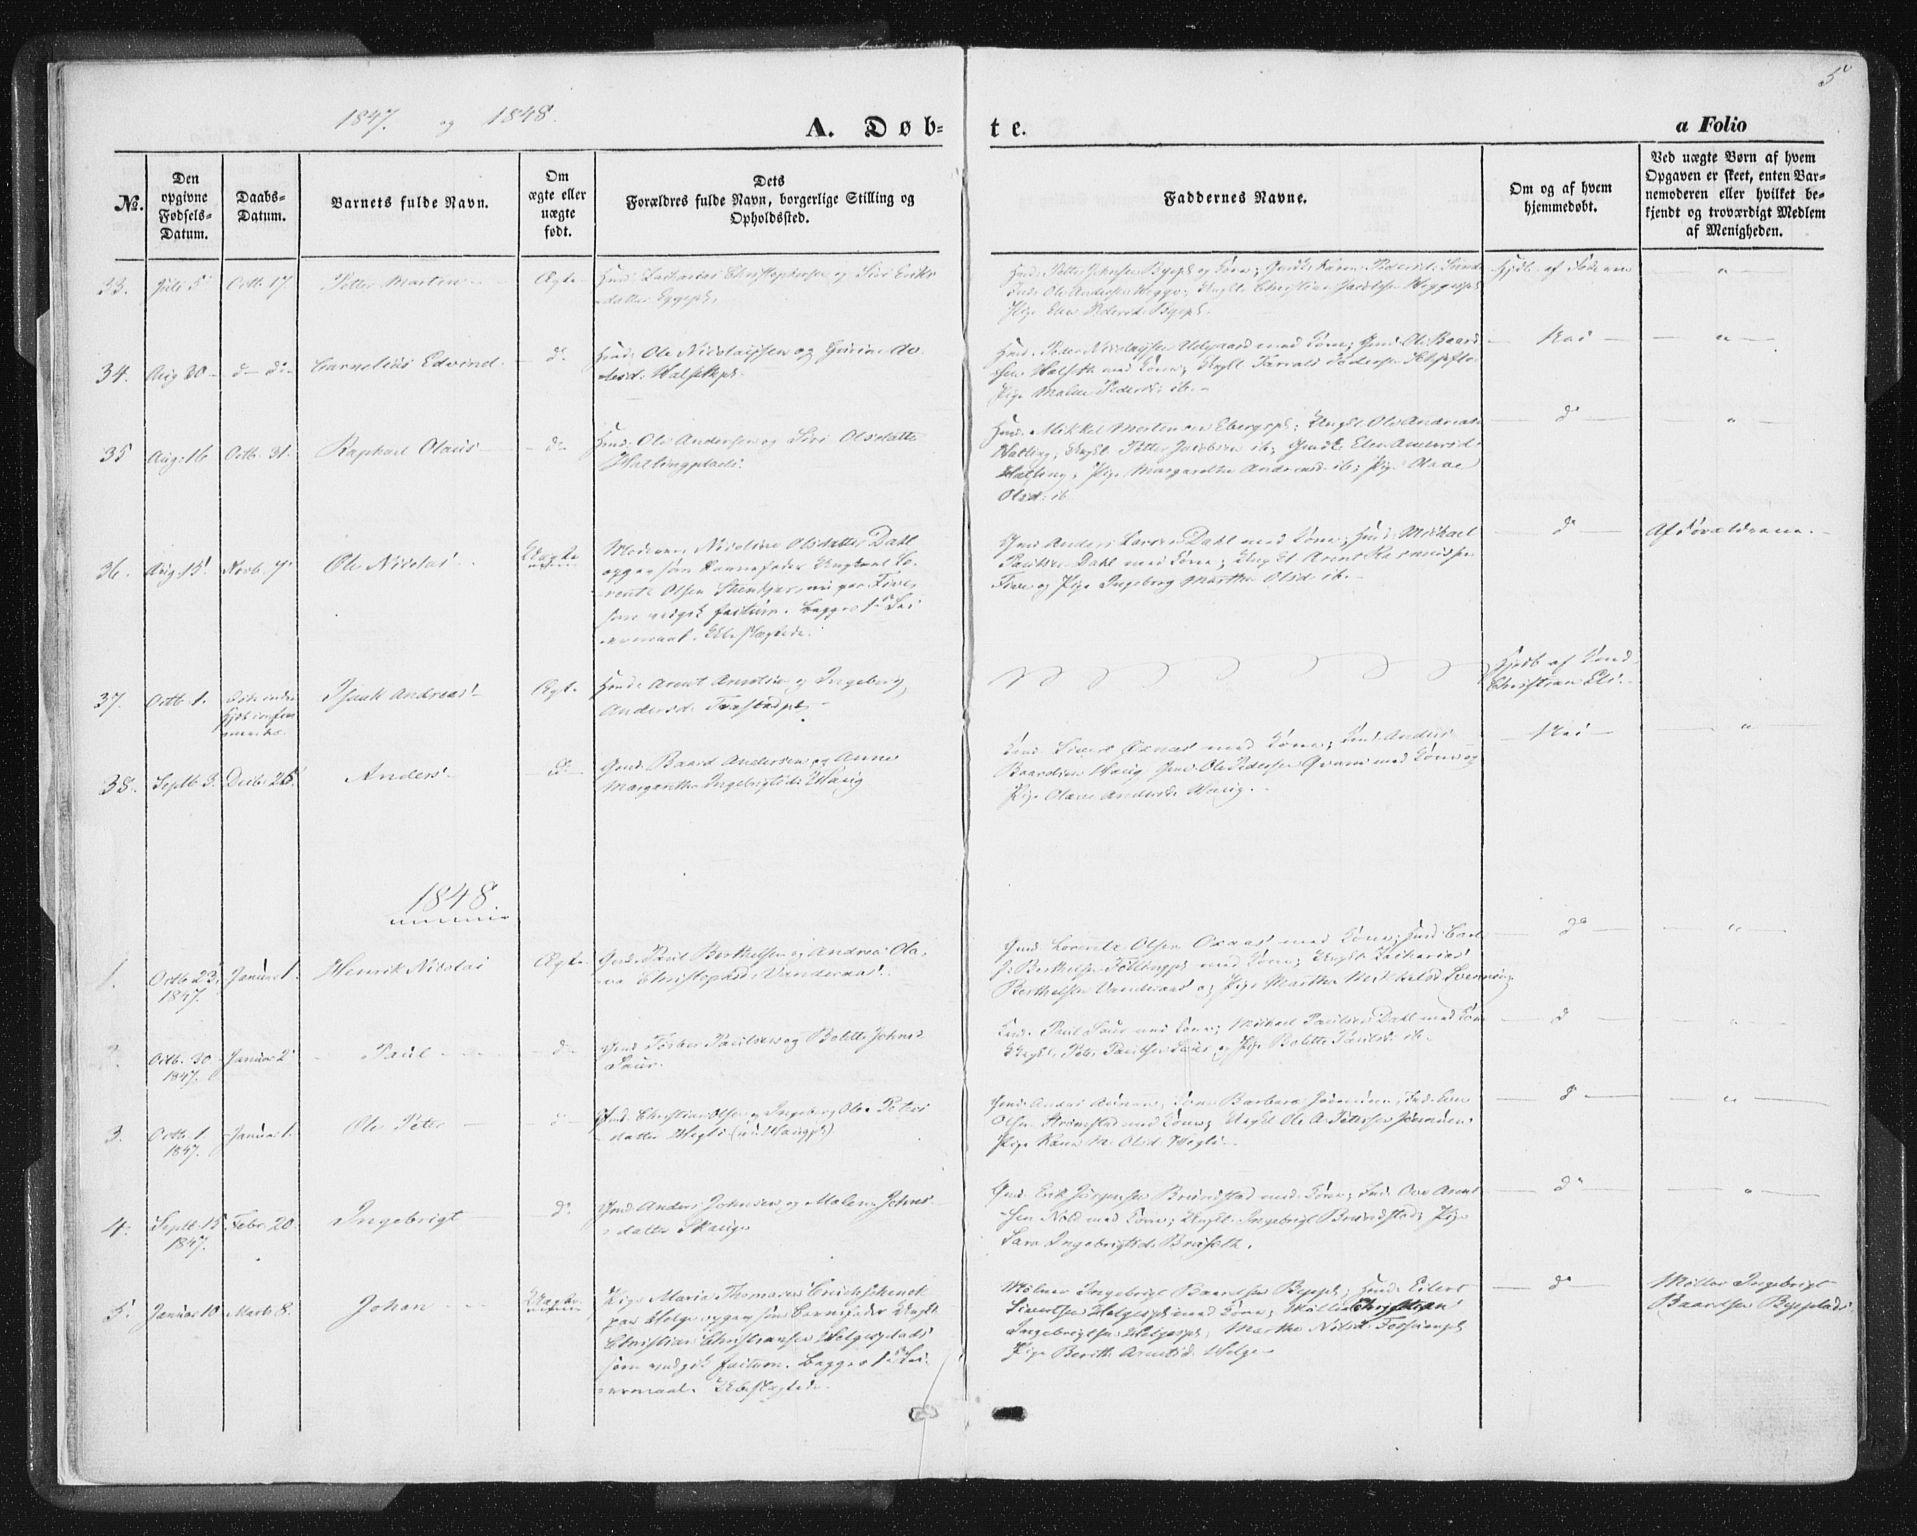 SAT, Ministerialprotokoller, klokkerbøker og fødselsregistre - Nord-Trøndelag, 746/L0446: Ministerialbok nr. 746A05, 1846-1859, s. 5